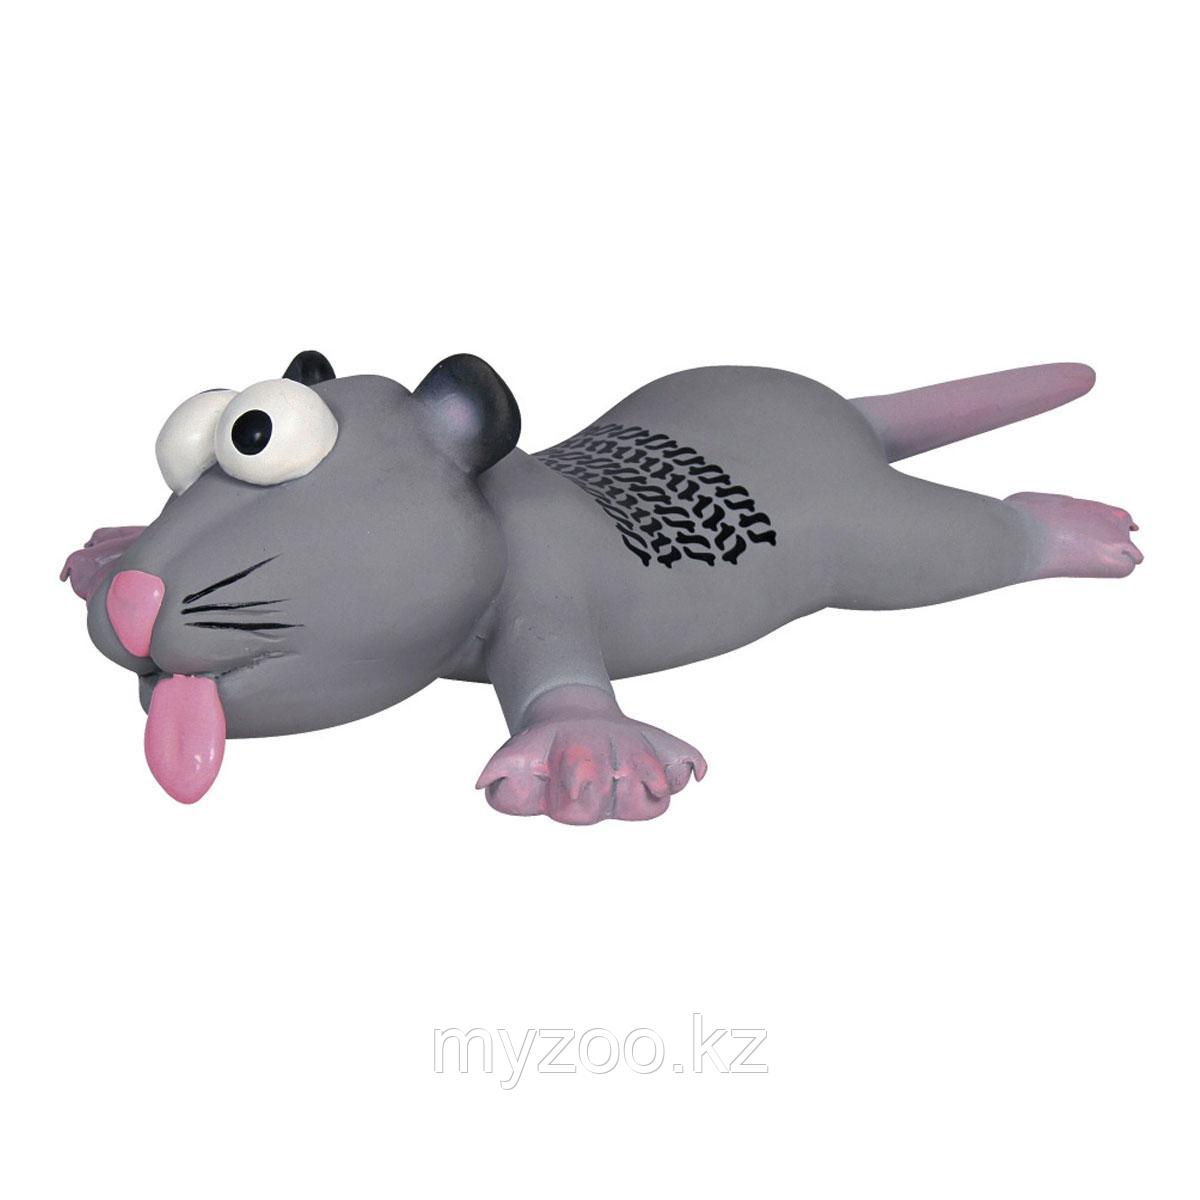 Игрушка для собак. Латекс. Пищащая. Крыса и мышь. Размер 22см.